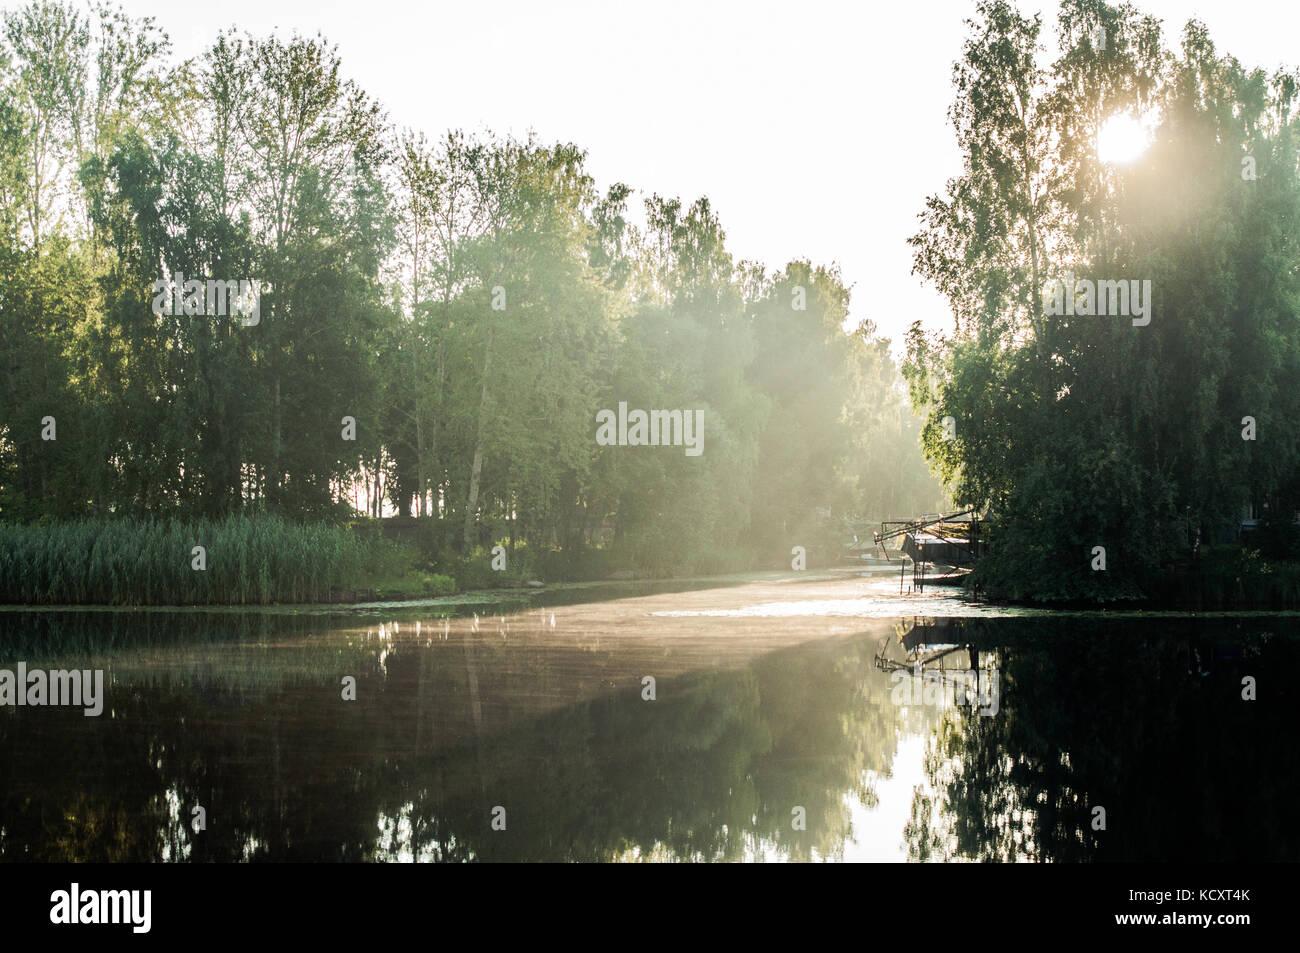 Raggi del sole attraverso i rami di betulla. Riflessioni sulla superficie del fiume. Piccolo porto. Immagini Stock